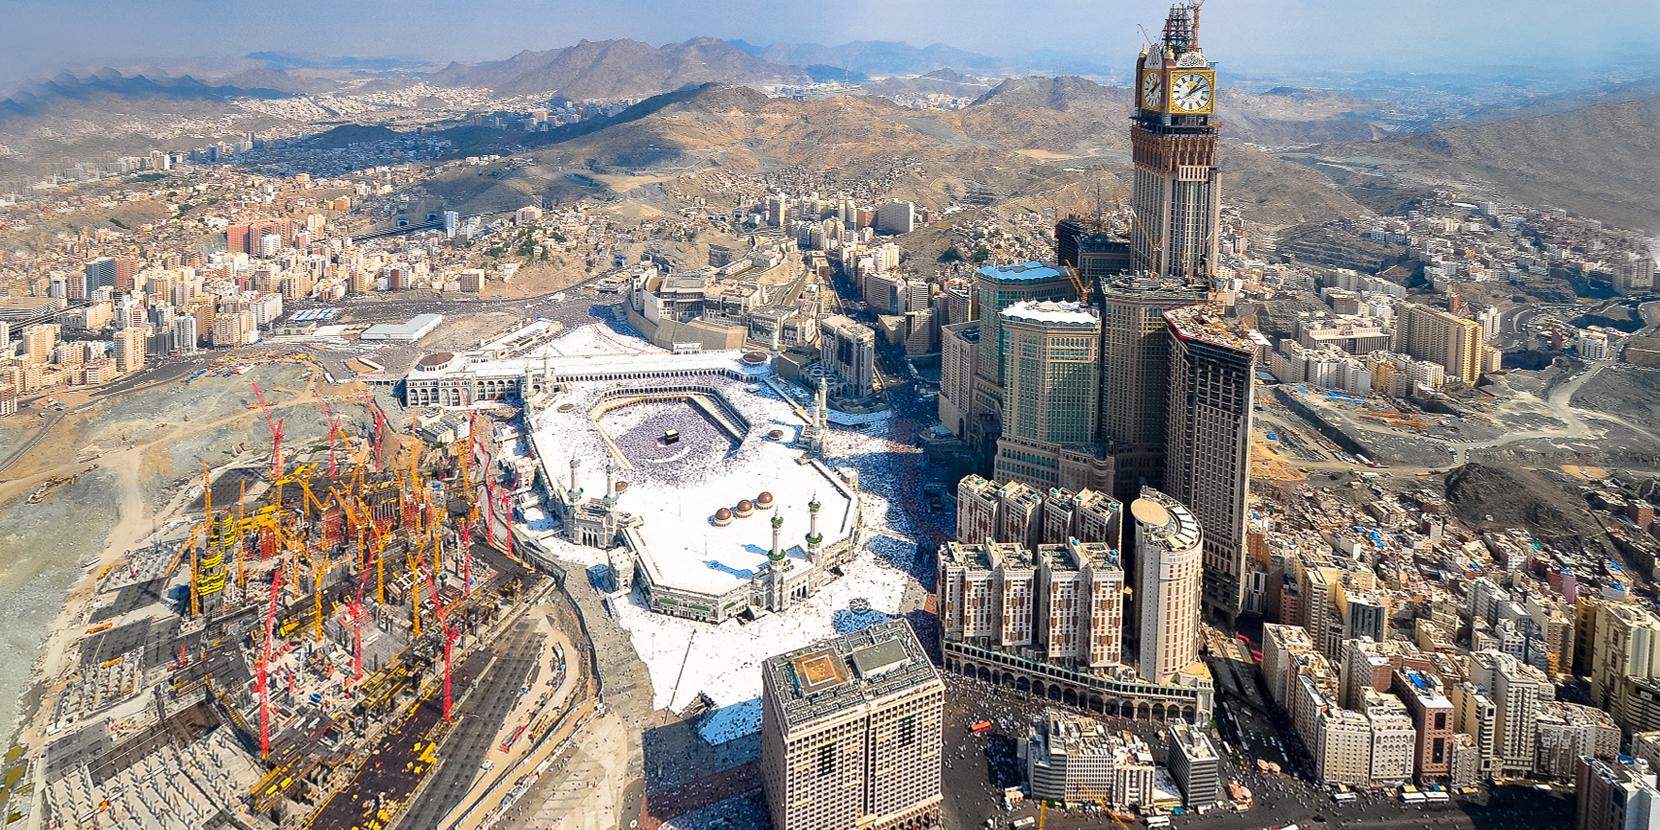 Comment les wahhabites ont transform la mecque en disneyland le desk - Les hotels de la mecque ...